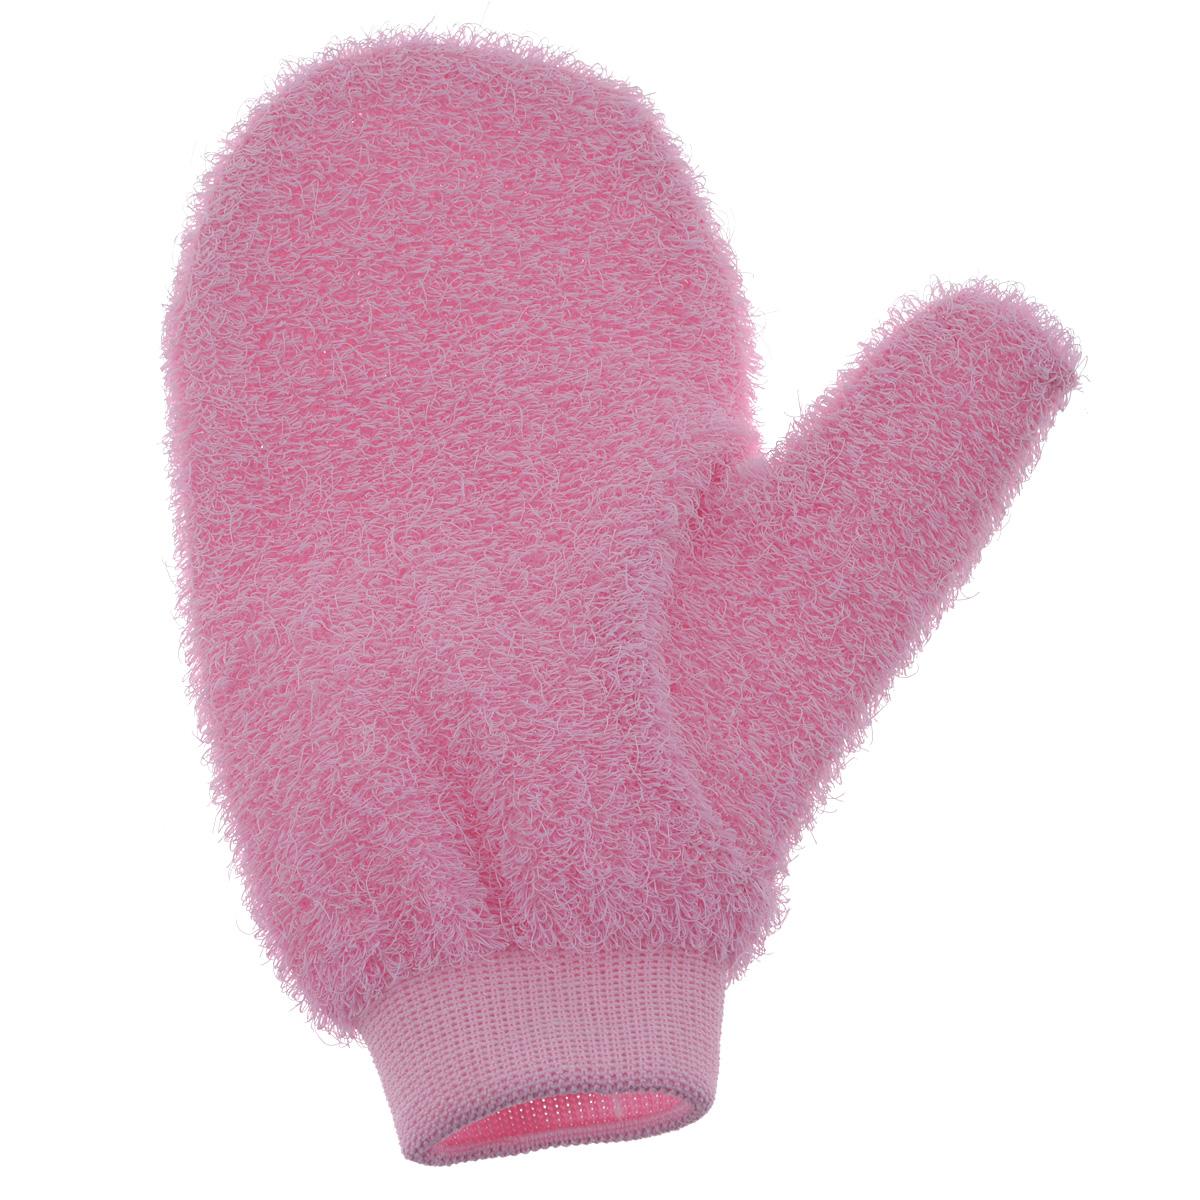 Riffi Мочалка-рукавица массажная, жесткая, розовый750_розовыйЖесткая мочалка-рукавица Riffi используется для мытья тела, обладает активным пилинговым действием, тонизируя, массируя и эффективно очищая вашу кожу. Интенсивный и пощипывающе свежий массаж с применением Riffi оживляет кожу, активирует кровоснабжение и улучшает общее самочувствие. Благодаря отшелушивающему эффекту освобождает кожу от отмерших клеток, делает ее гладкой, упругой и свежей. Приносит приятное расслабление всему организму. Эффективно предупреждает образование целлюлита. Характеристики: Материал:50% полиэтилен, 50% полиэстер. Размер мочалки:17 см х 22 см. Артикул:750. Товар сертифицирован.